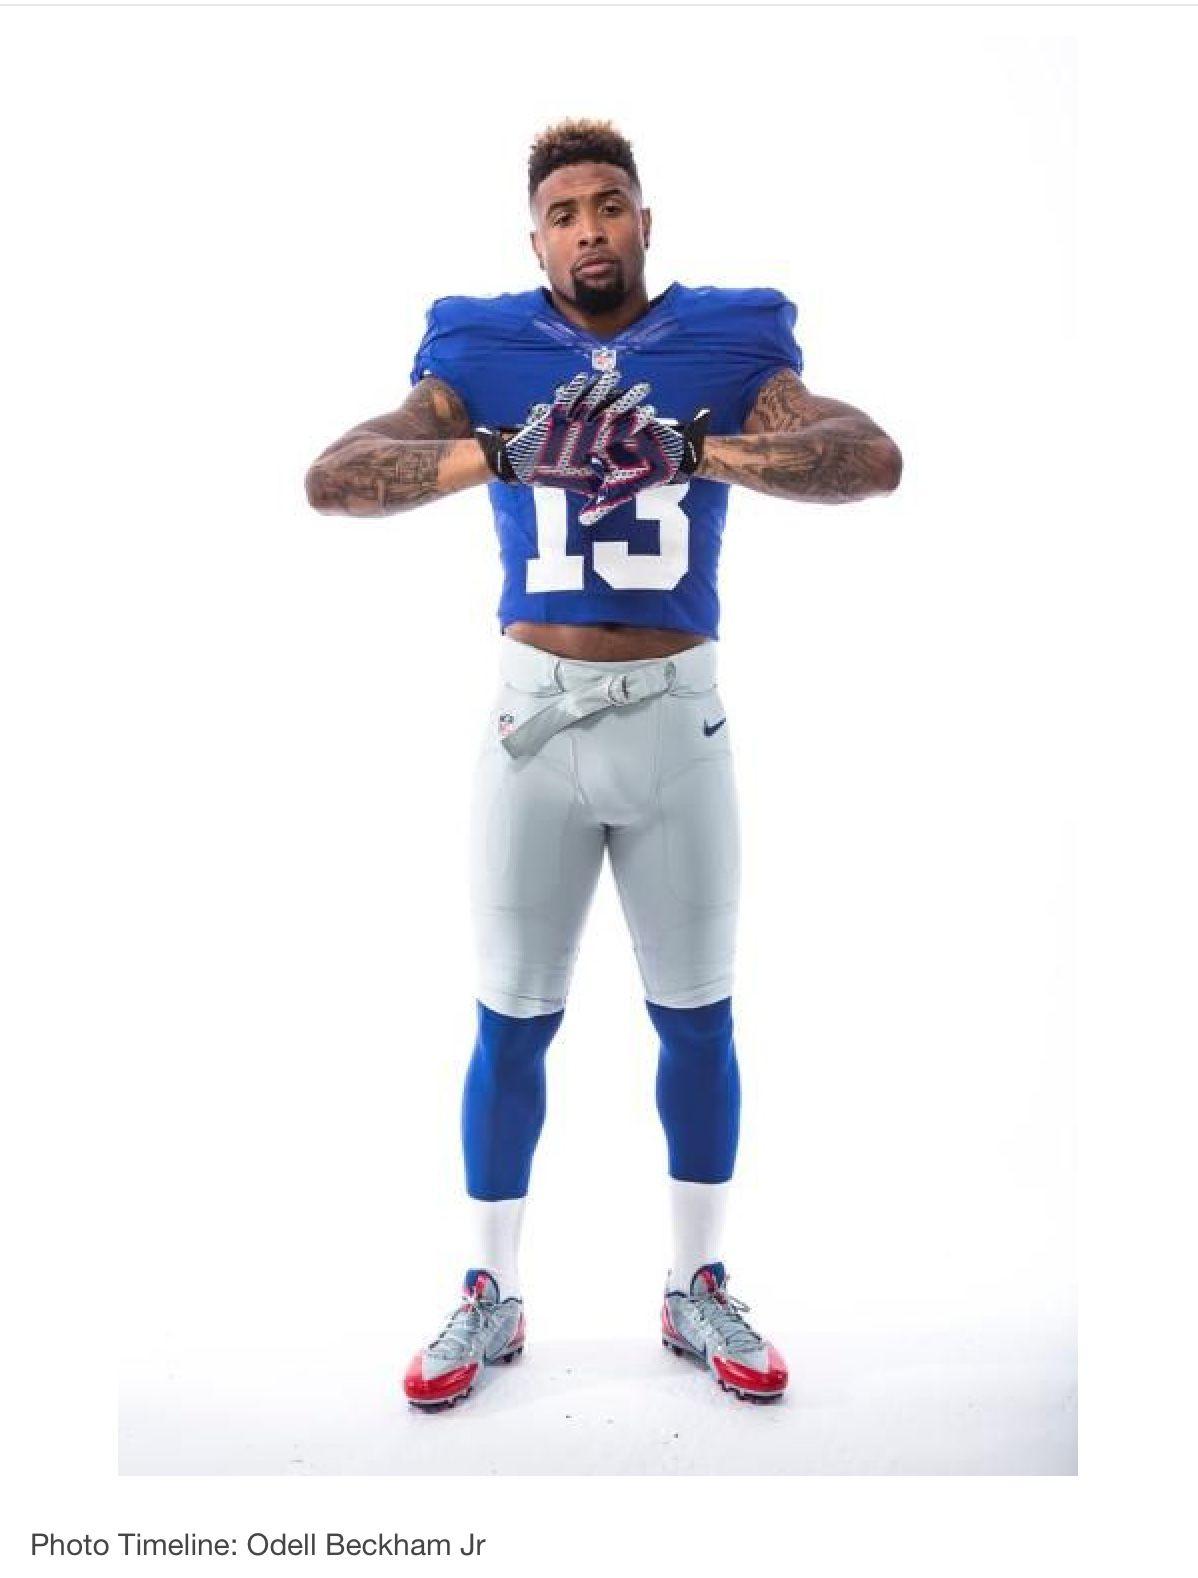 hot sales 76c60 a6128 ️⃣1️⃣3️⃣ | New York Giants | Odell beckham jr, Odell ...